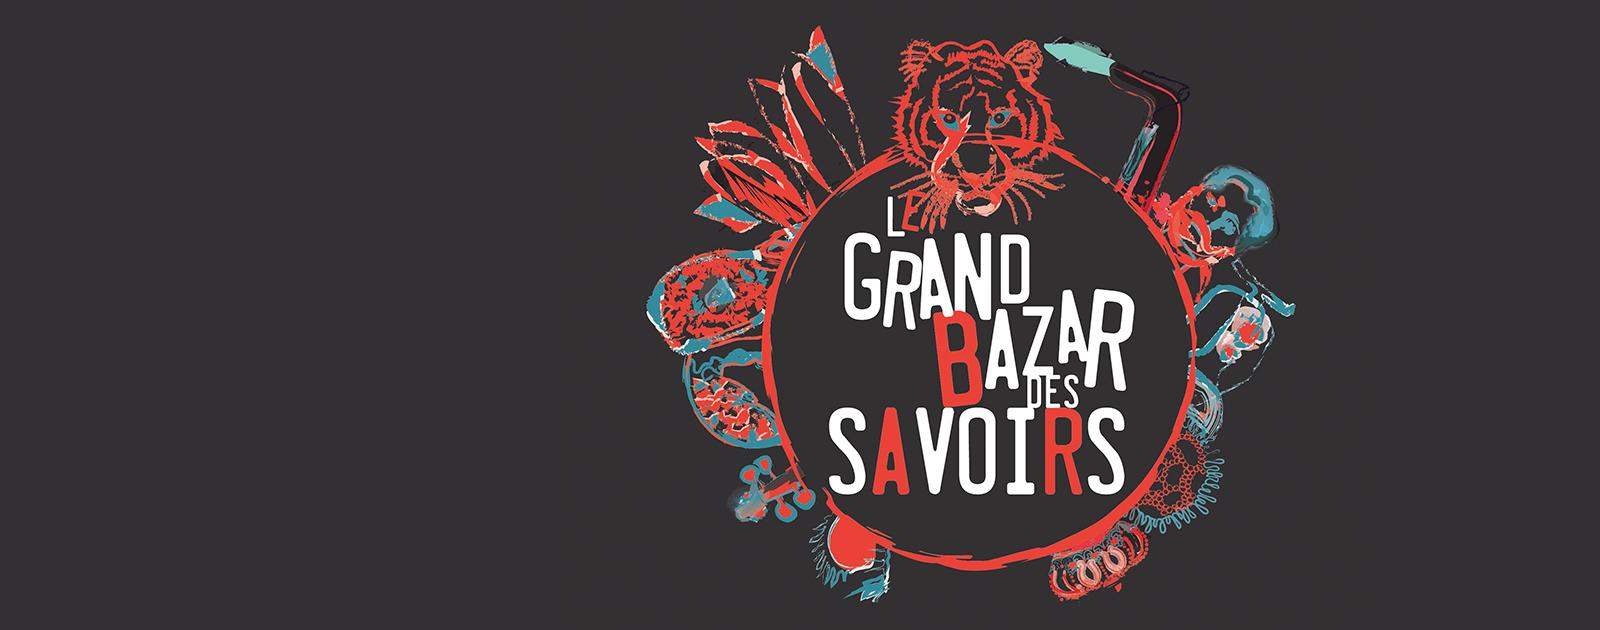 Le Grand Bazar des Savoirs par Didier Ruiz